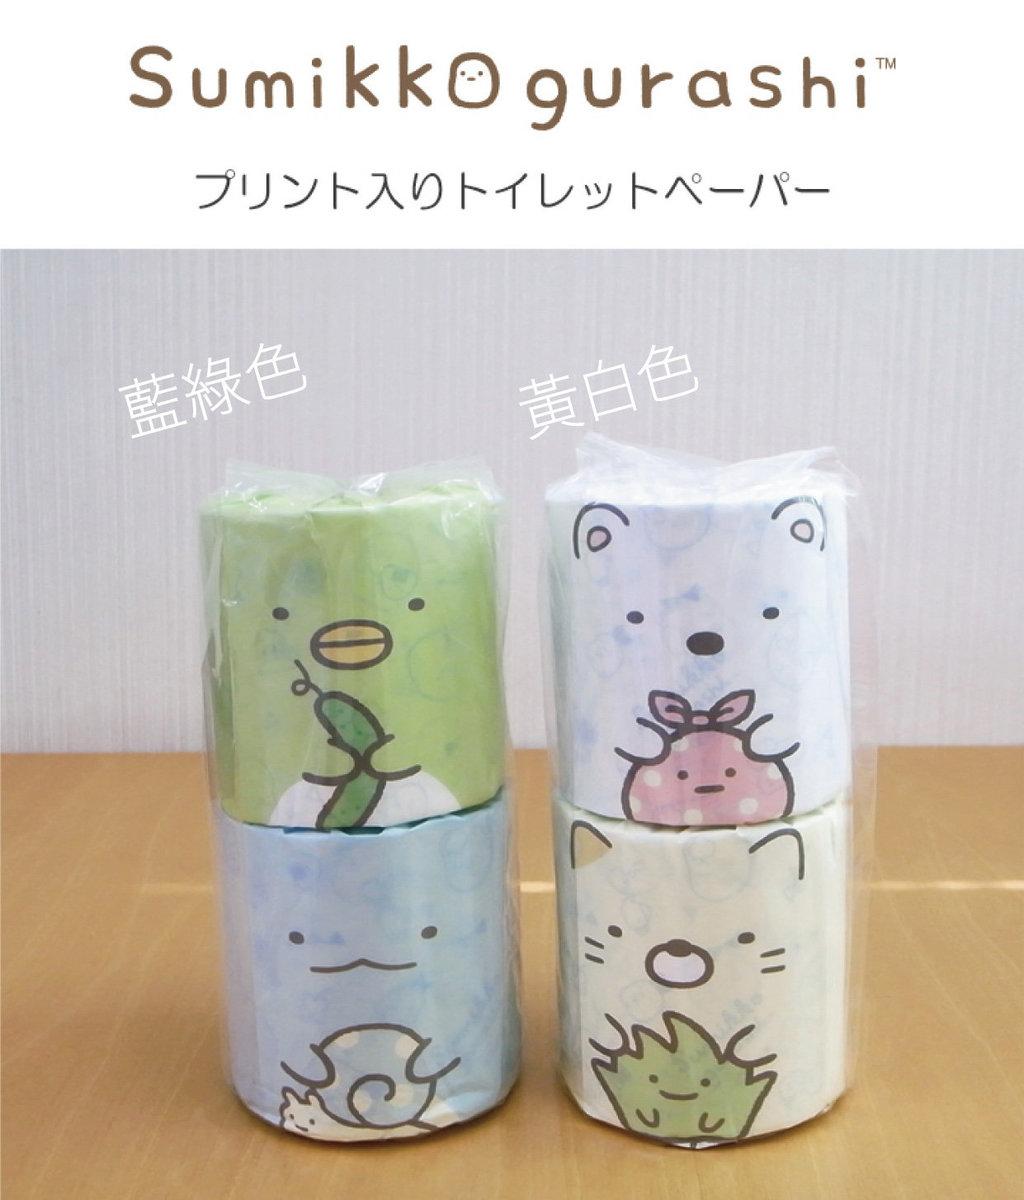 (Sumikko Gurashi Blue Green) Made in Japan SAN-X Printed Toilet Paper 2-Roll Set